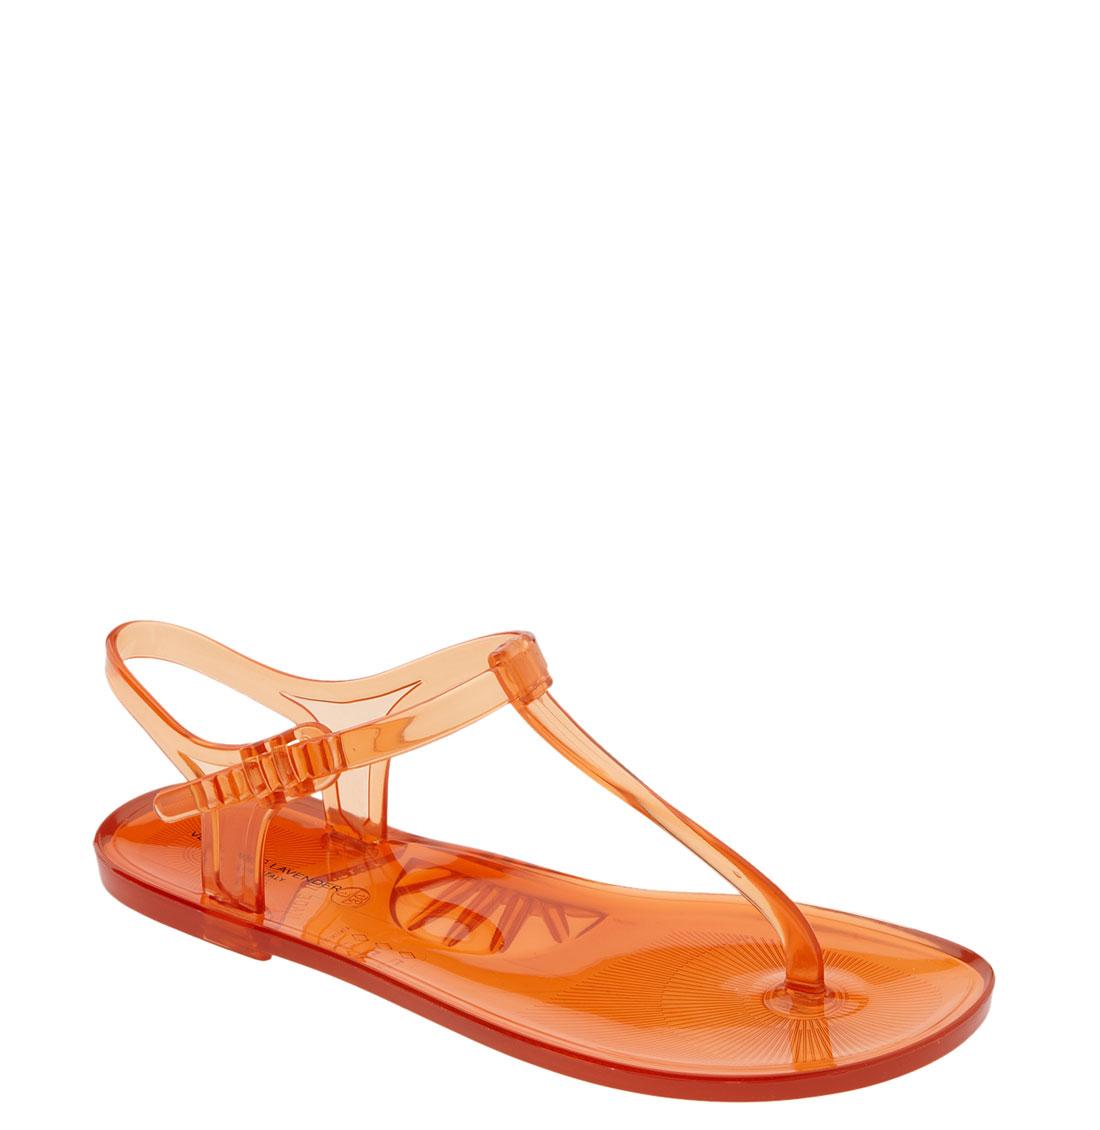 Модная женская резиновая обувь - luxtao com